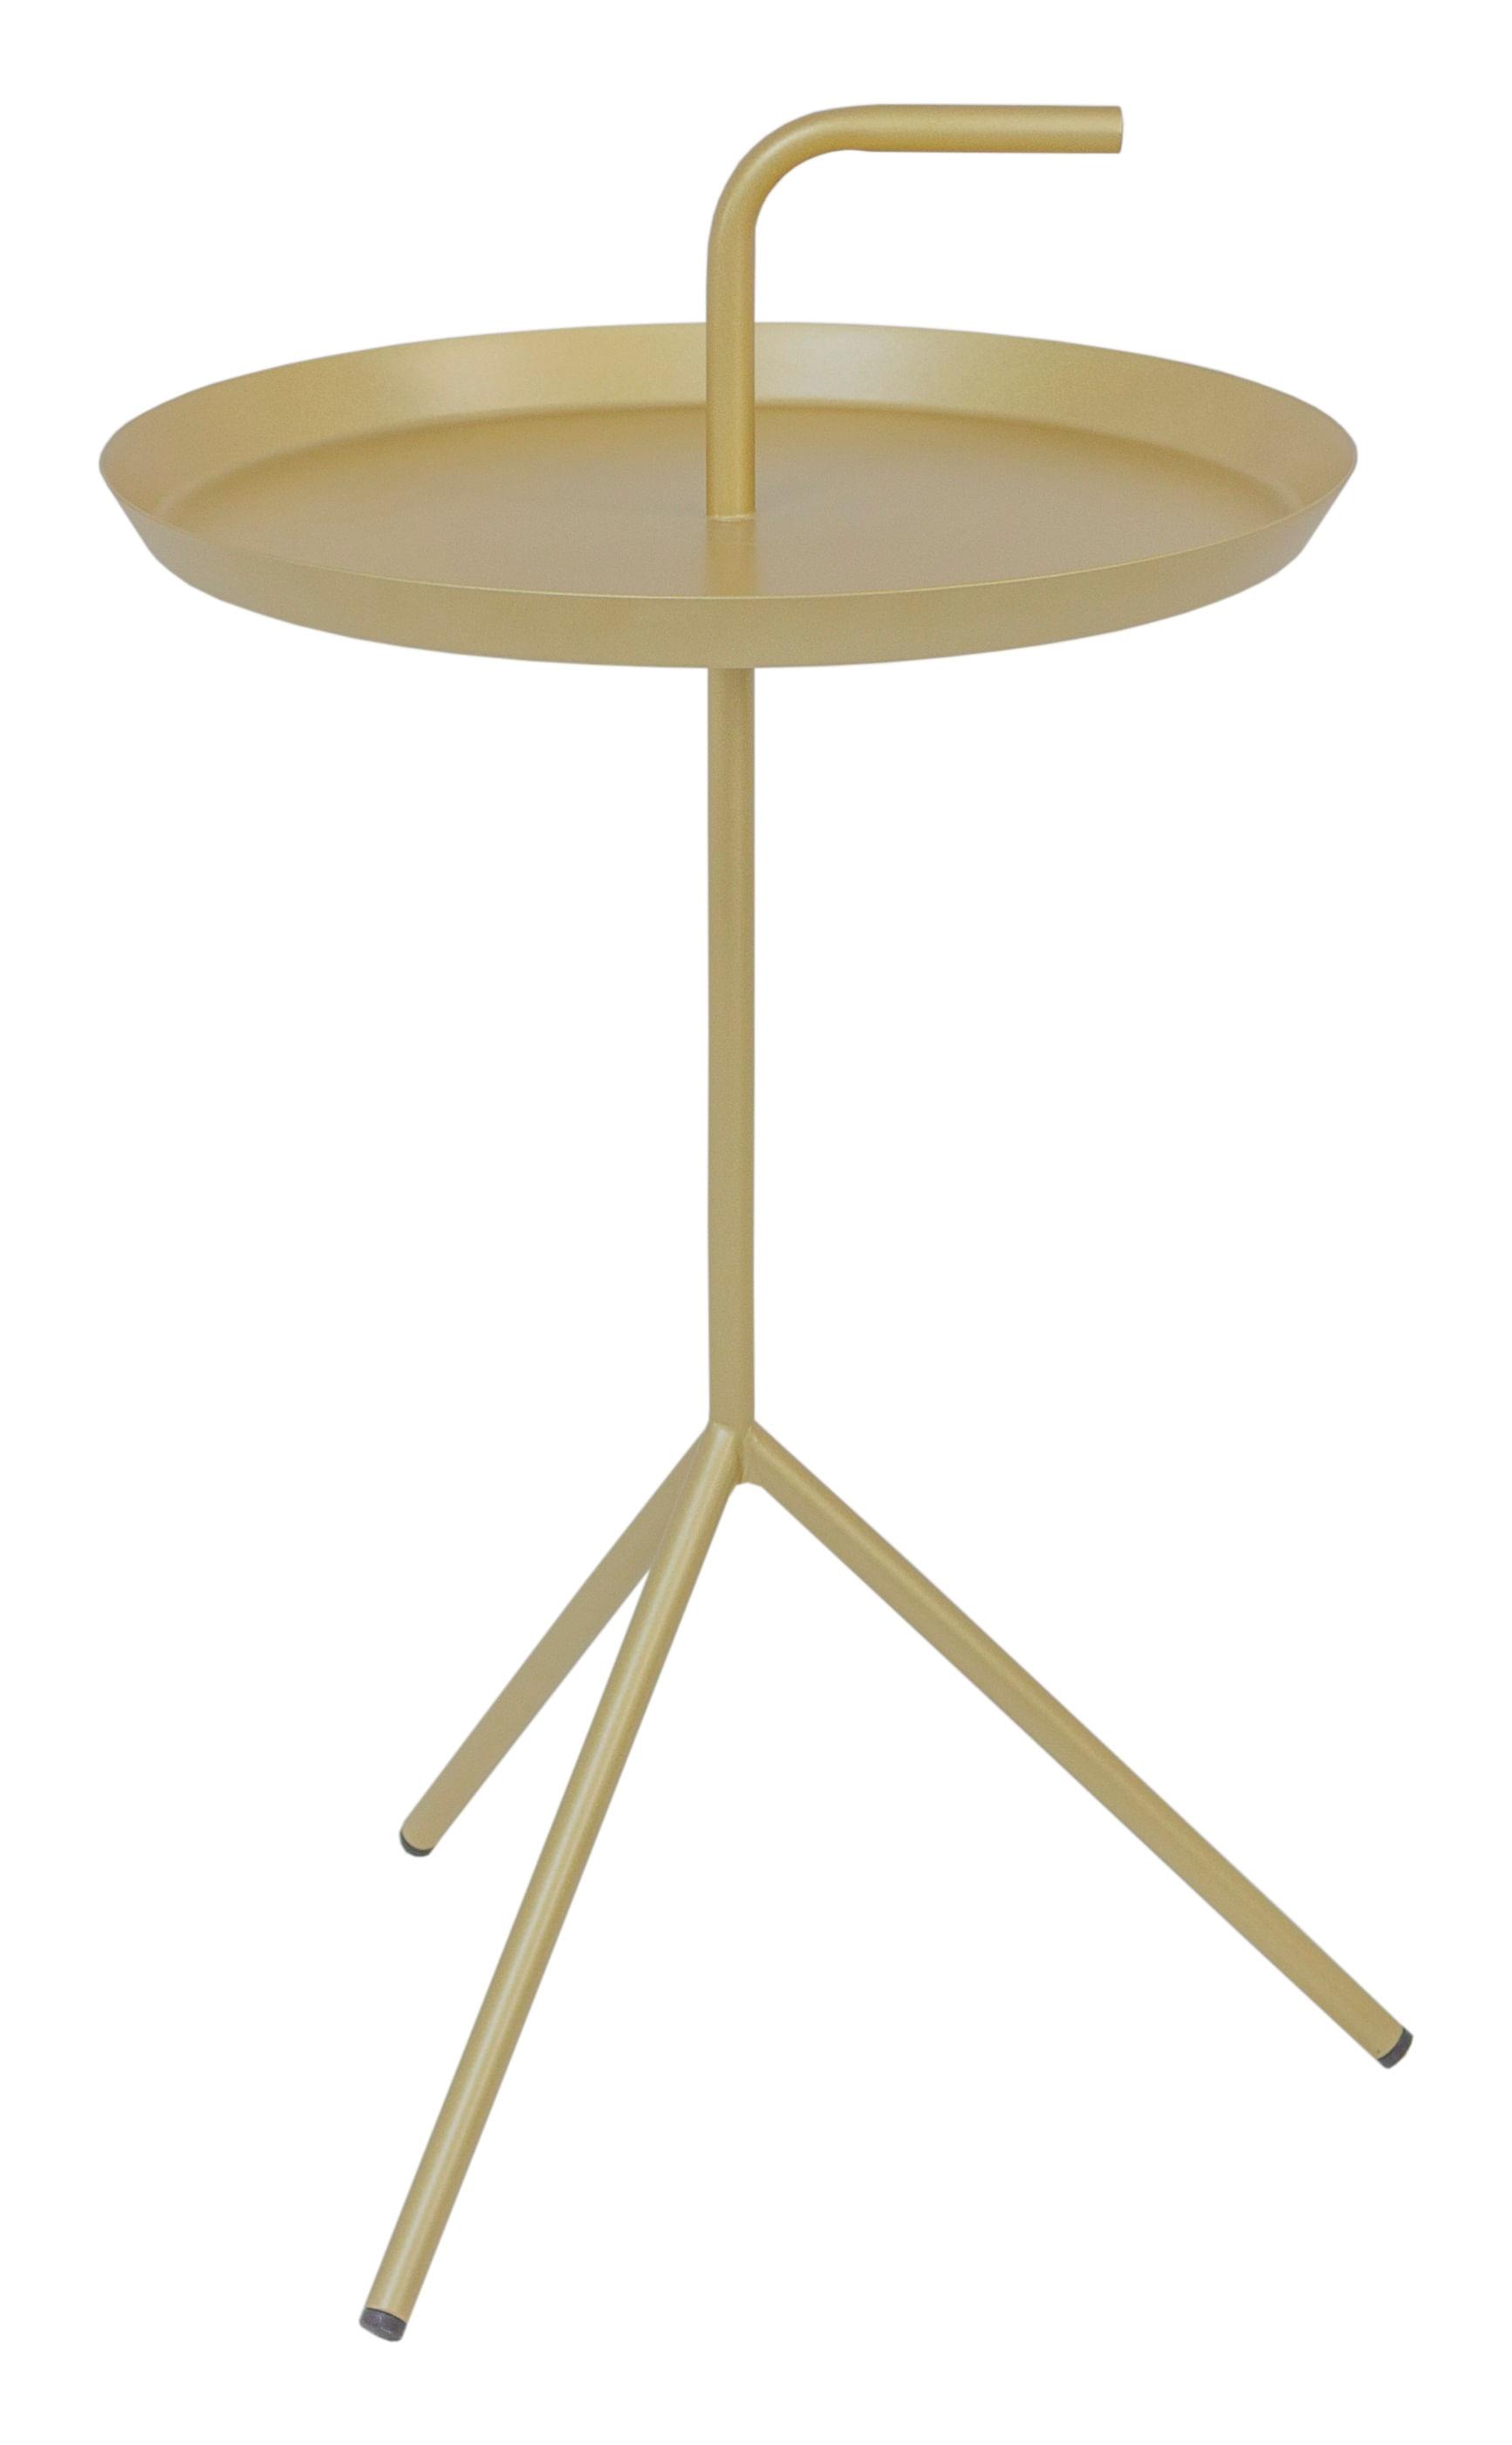 Mesa Apoio Handle Aco Gold 41cm - 59968